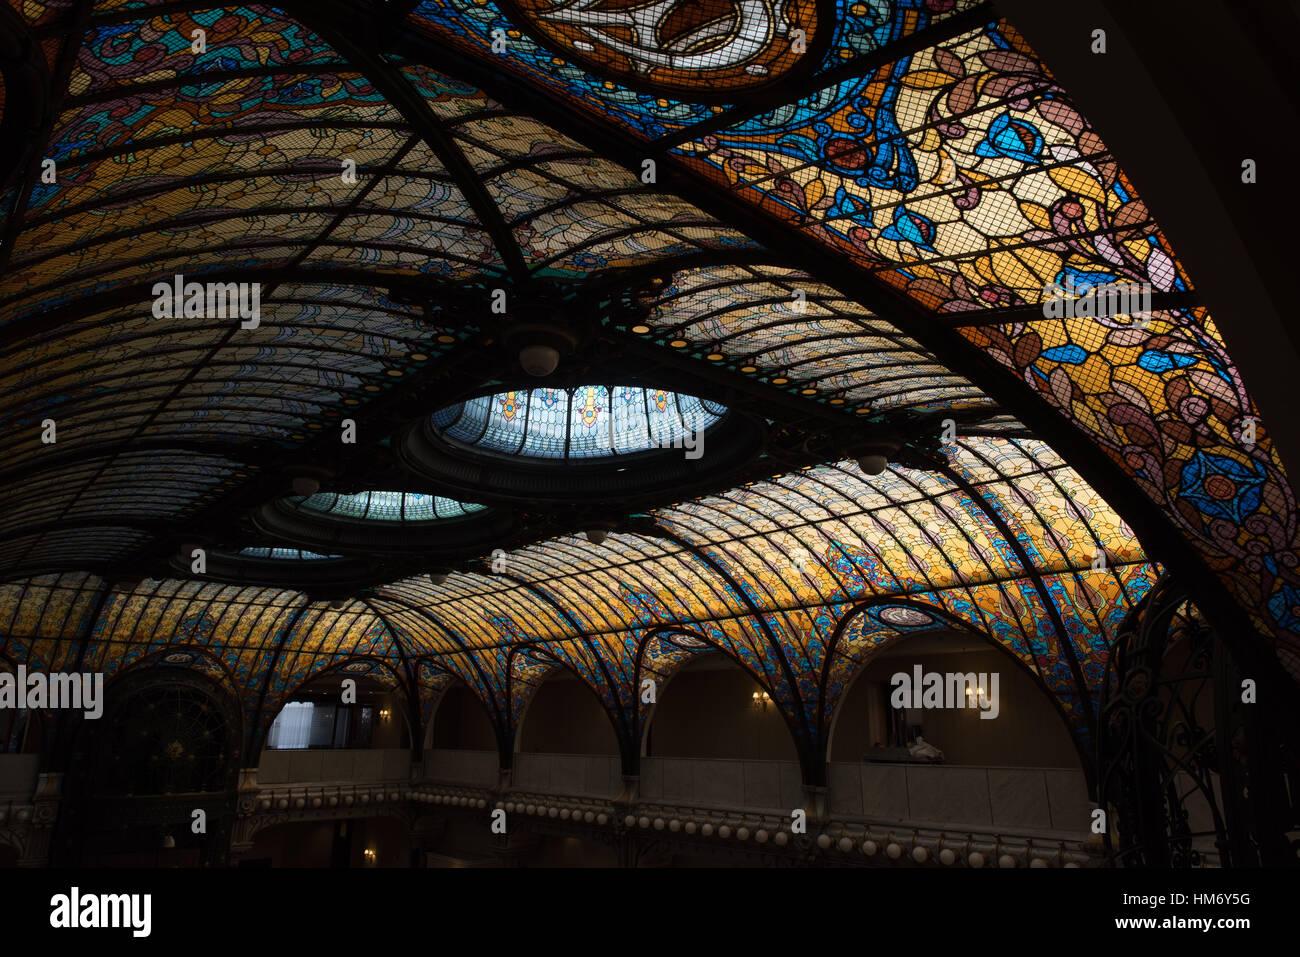 Mexico City Mexico The Art Nouveau Atrium Of The Gran Hotel